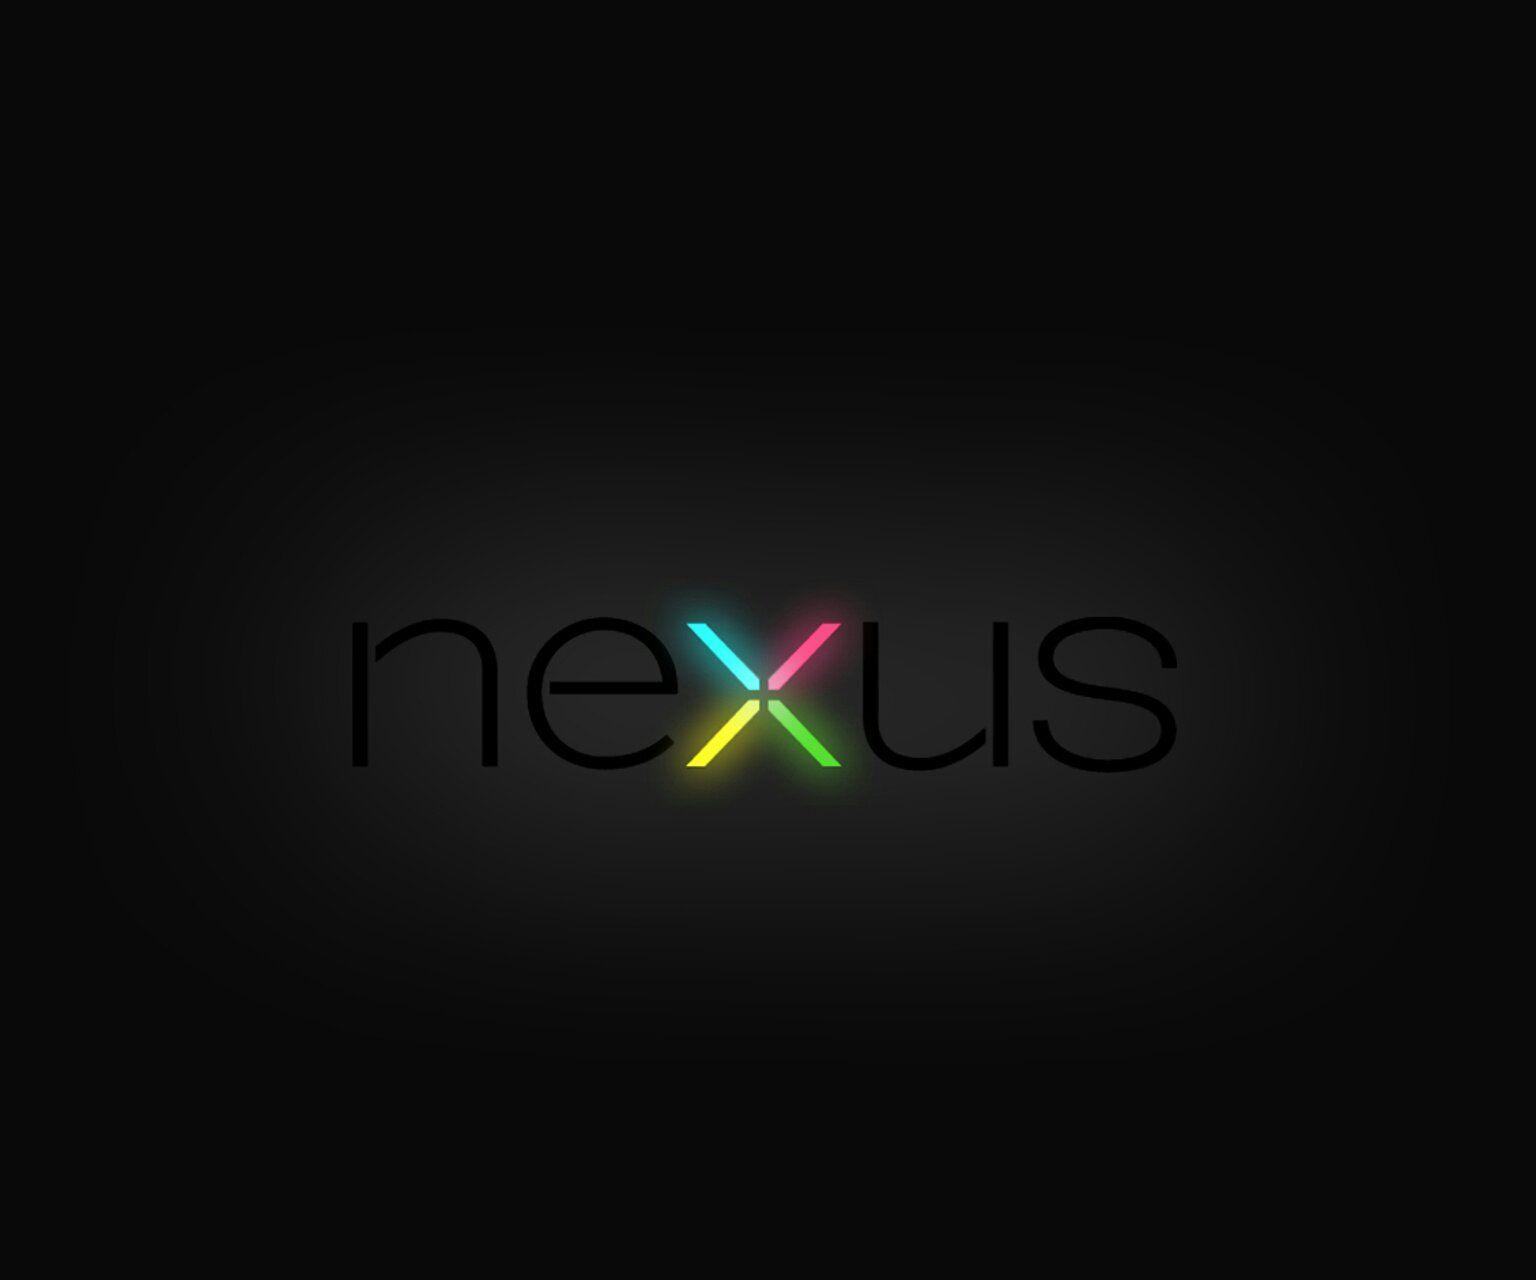 Nexus Wallpapers Top Free Nexus Backgrounds Wallpaperaccess